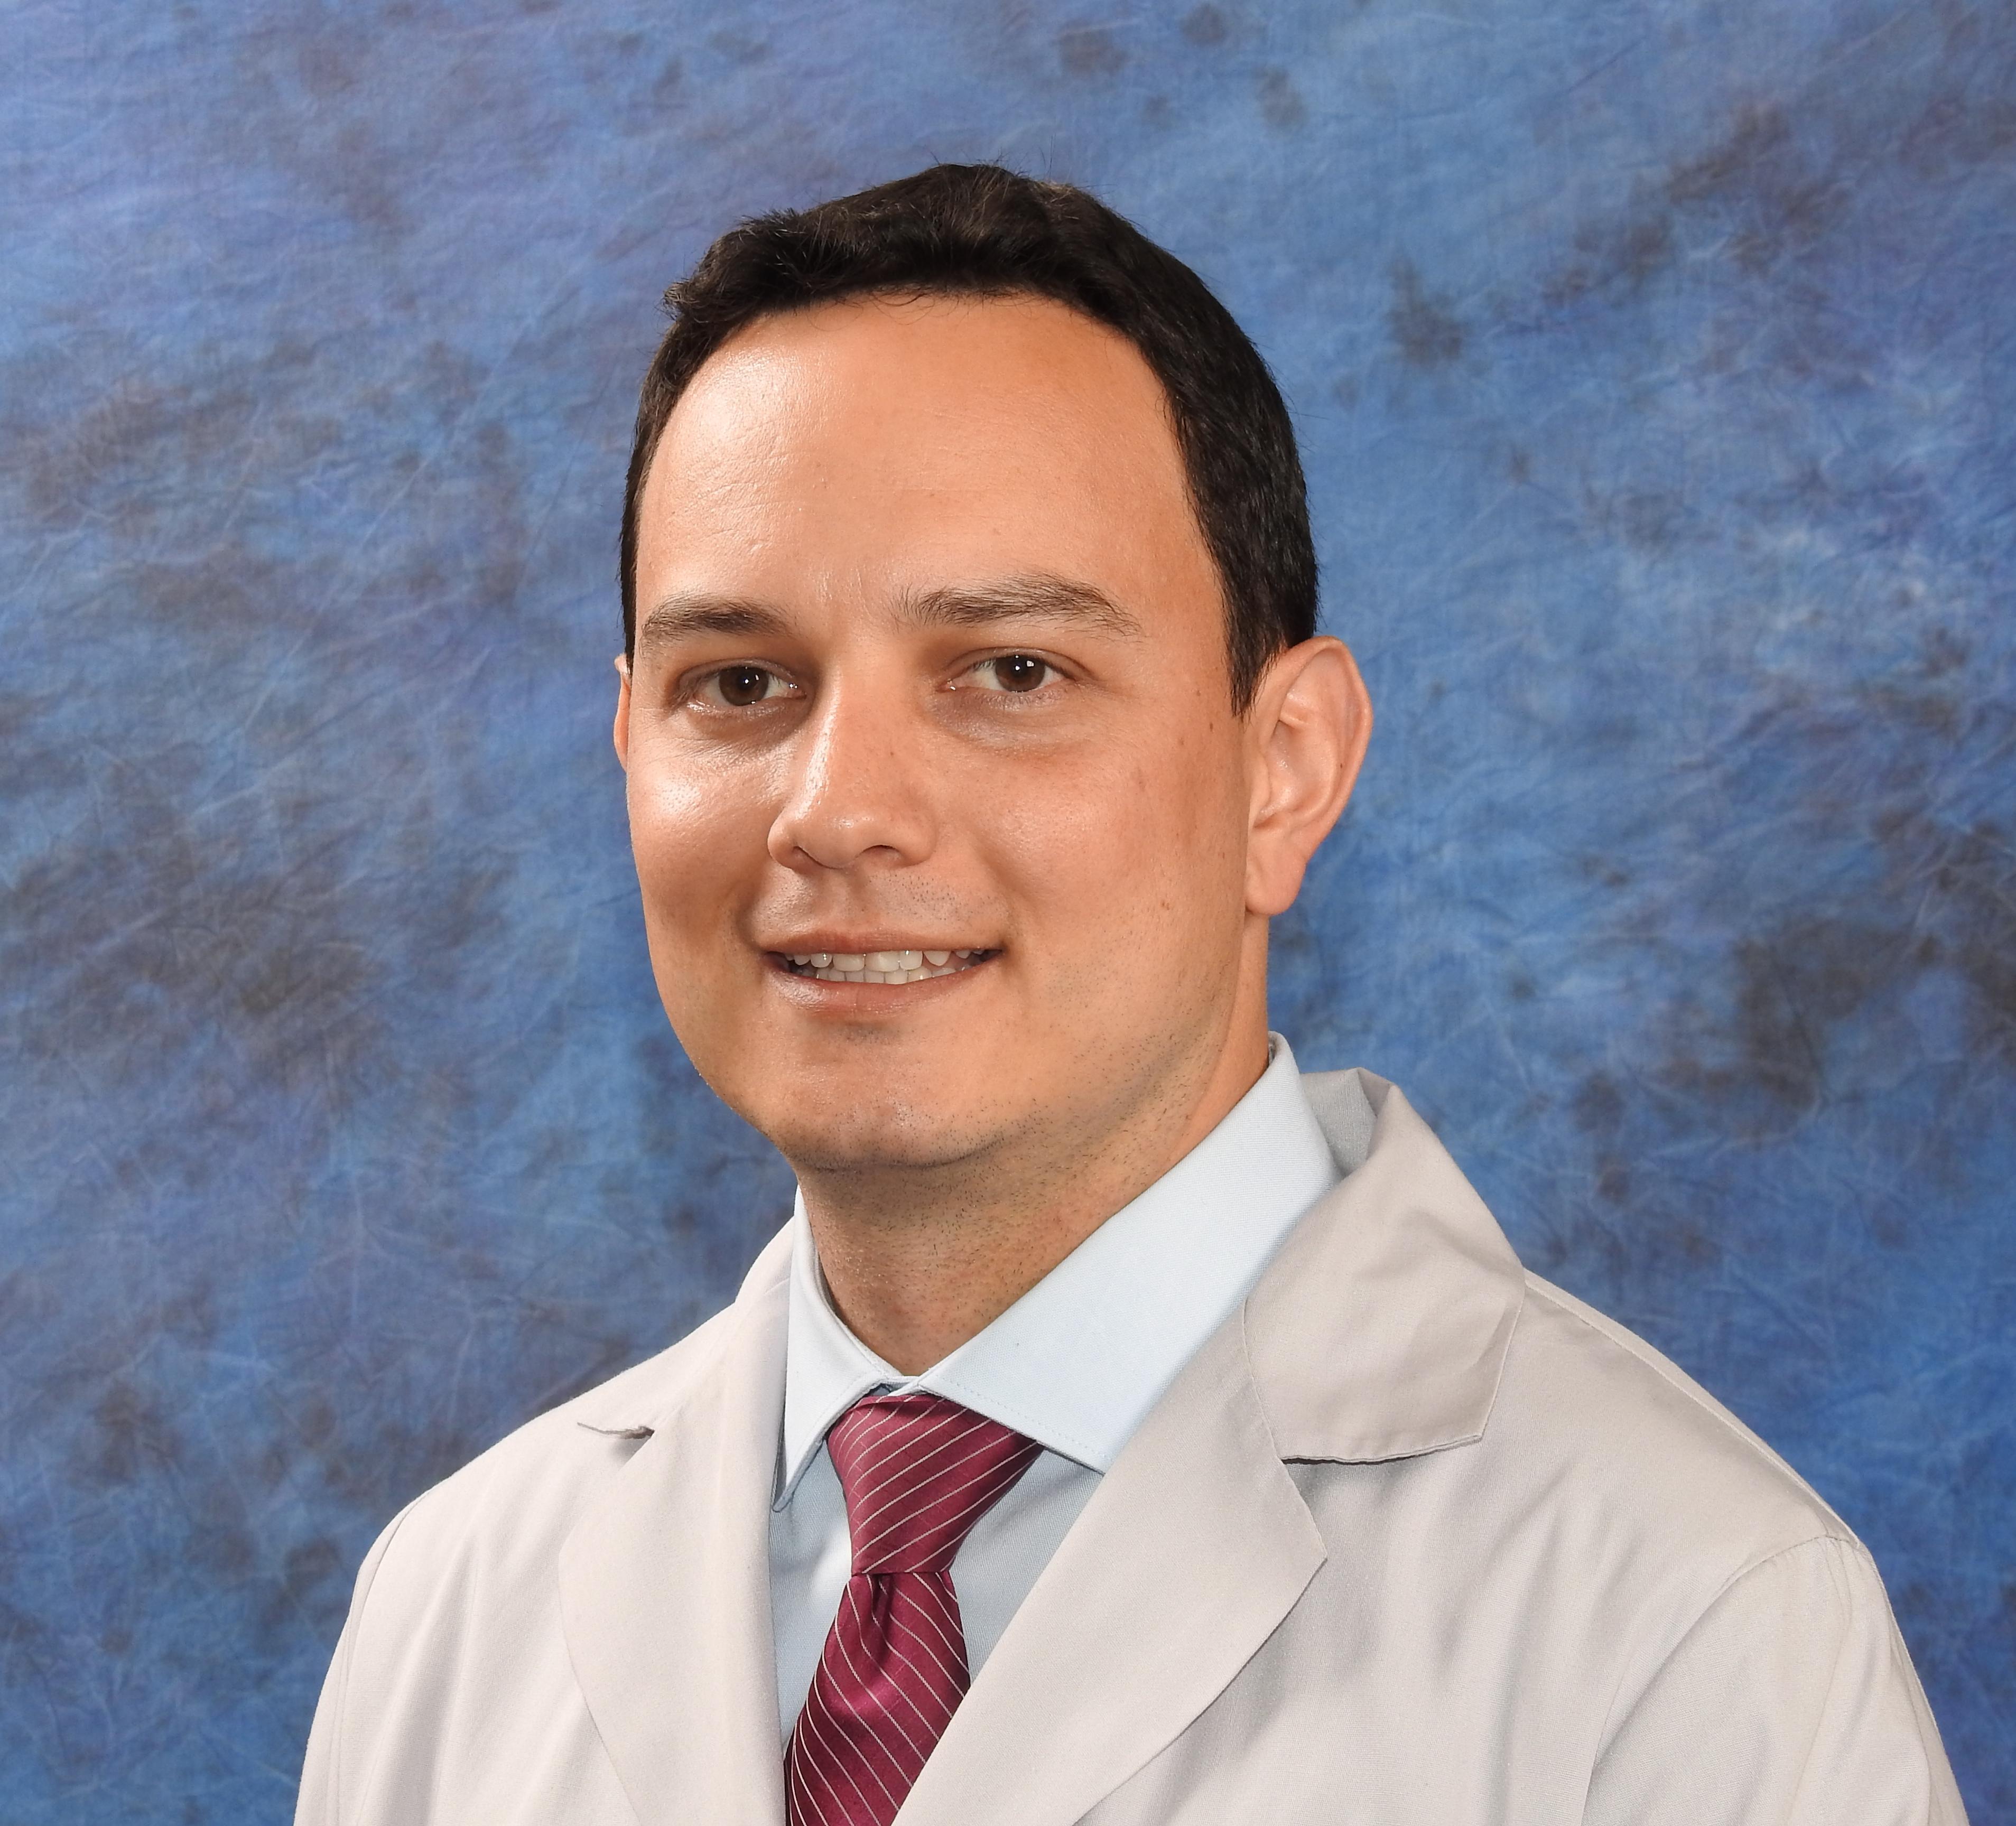 Javier A. Gomez Valencia, MD